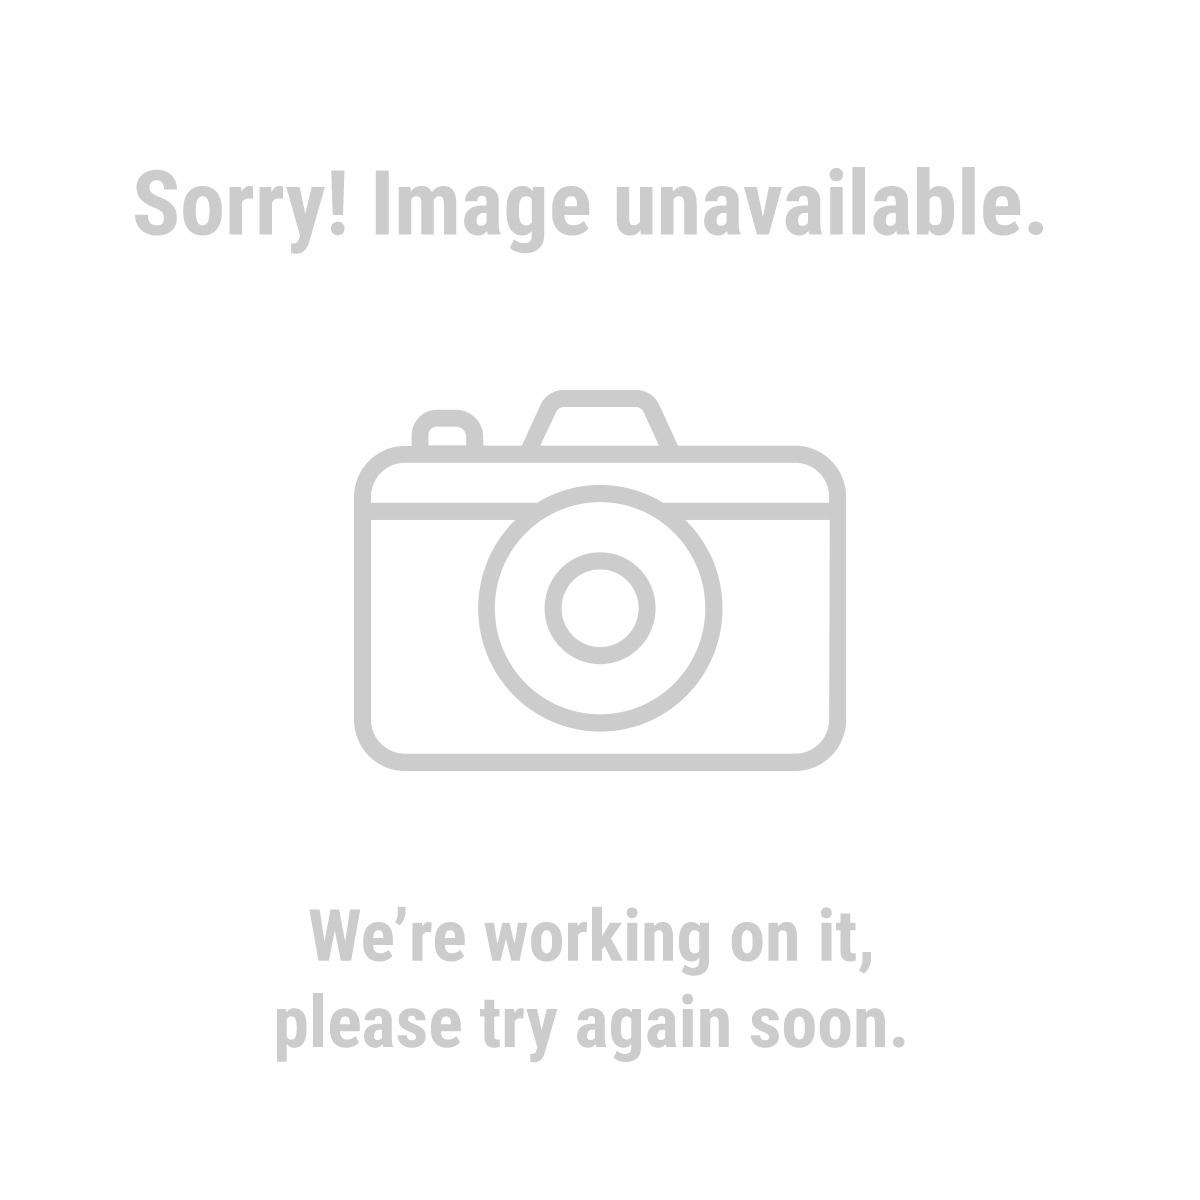 StikTek™ 63312 3/4 In x 60 Ft Industrial Grade Electrical Tape 10 Pk.